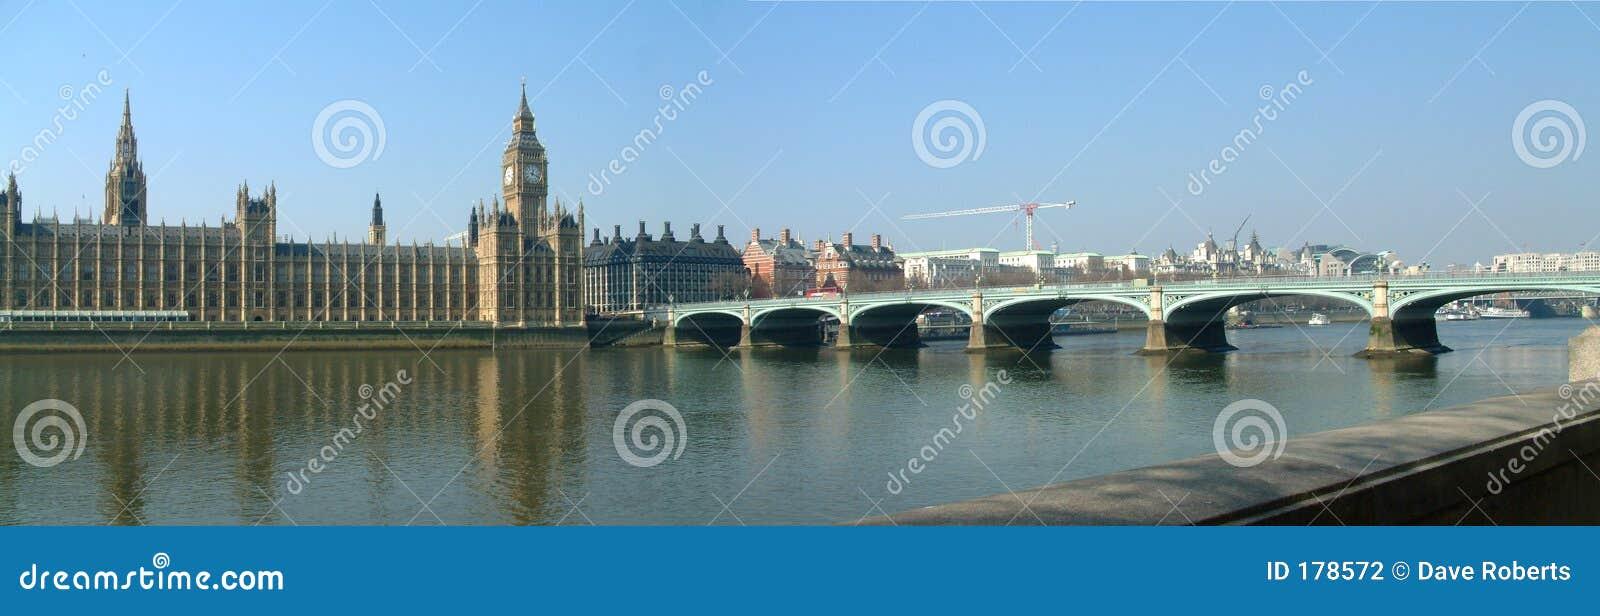 Panorama - puente del parlamento y de Westminster